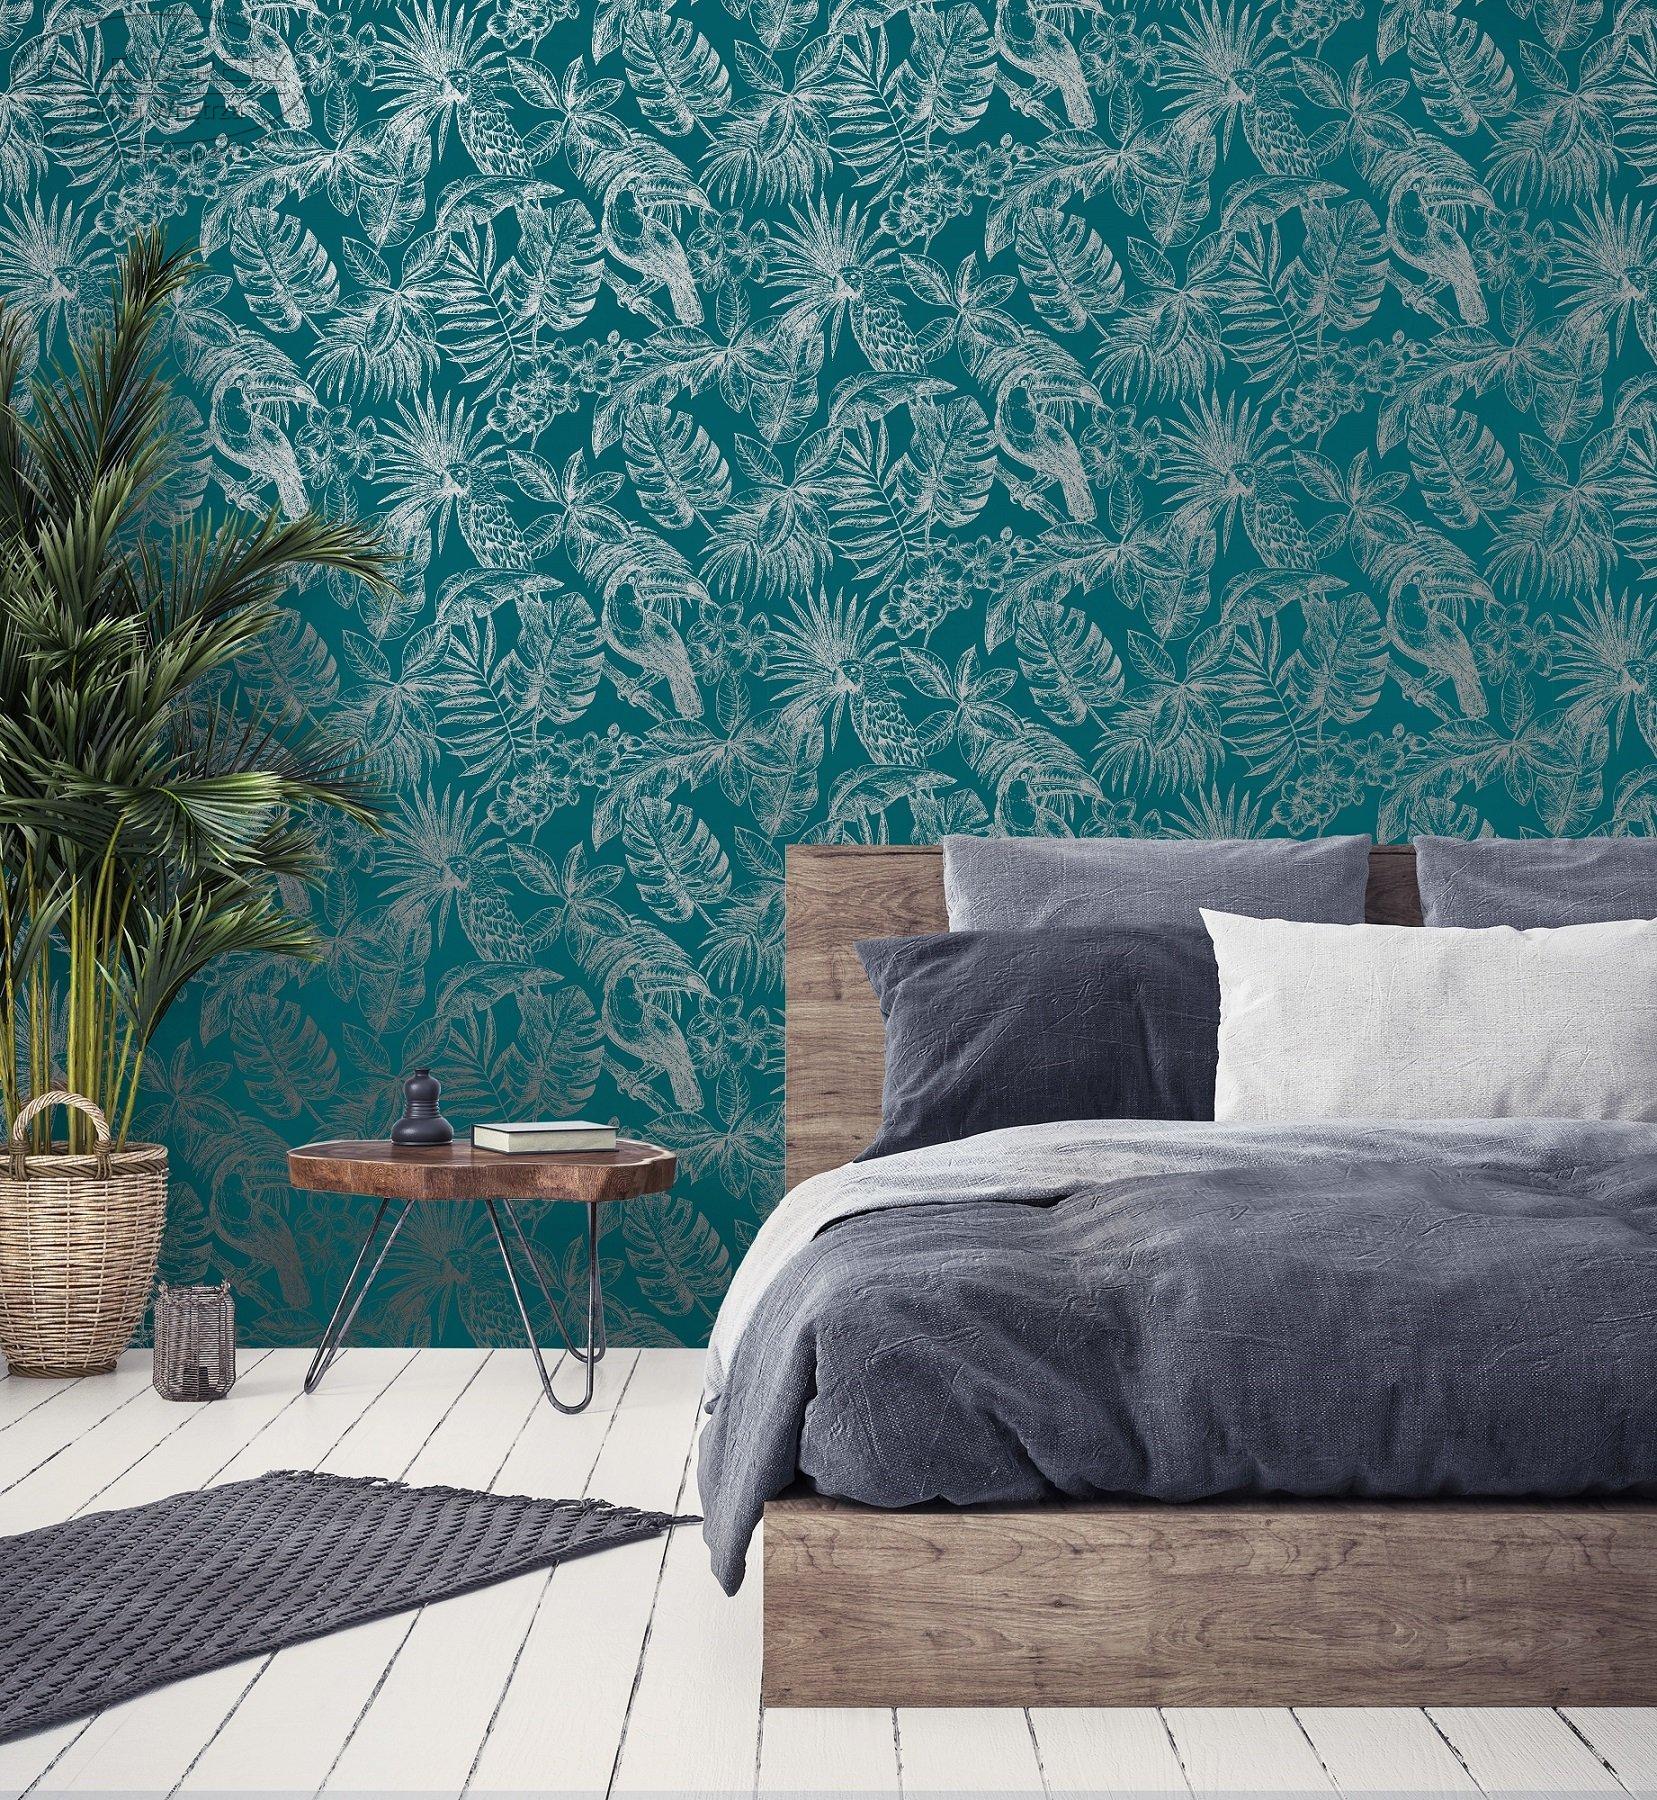 Tapéta kék alapon trópusi madár, pálma mintával